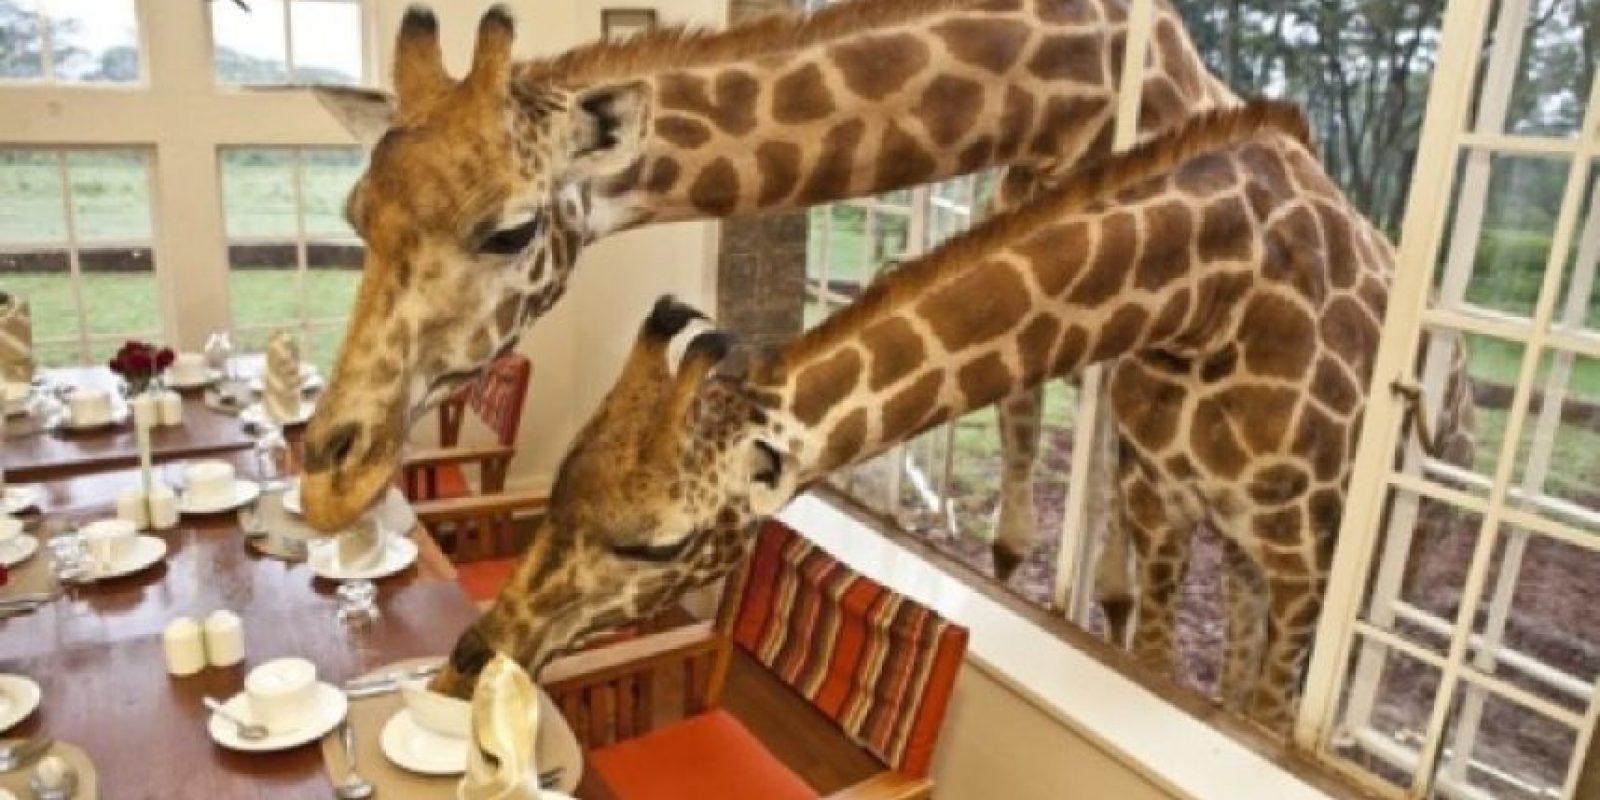 Giraffe Manor, en Kenya. Dormirán al lado de estas gigantes y hermosas criaturas. Foto:Geekology